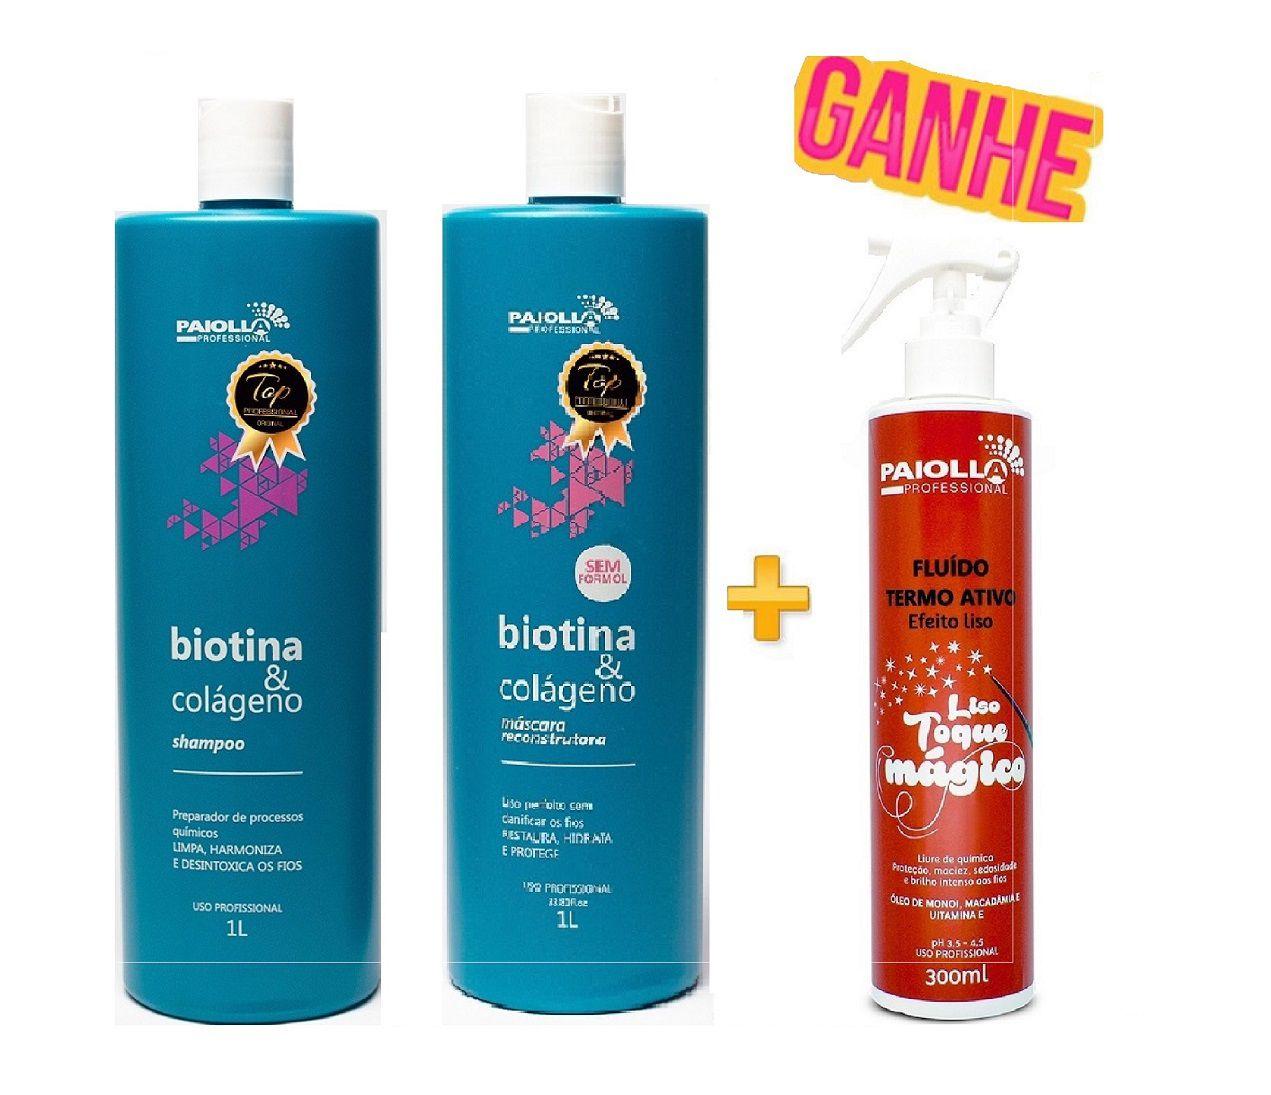 COMBO Progressiva Biotina E Colágeno + Shampoo+ Fluido Grátis